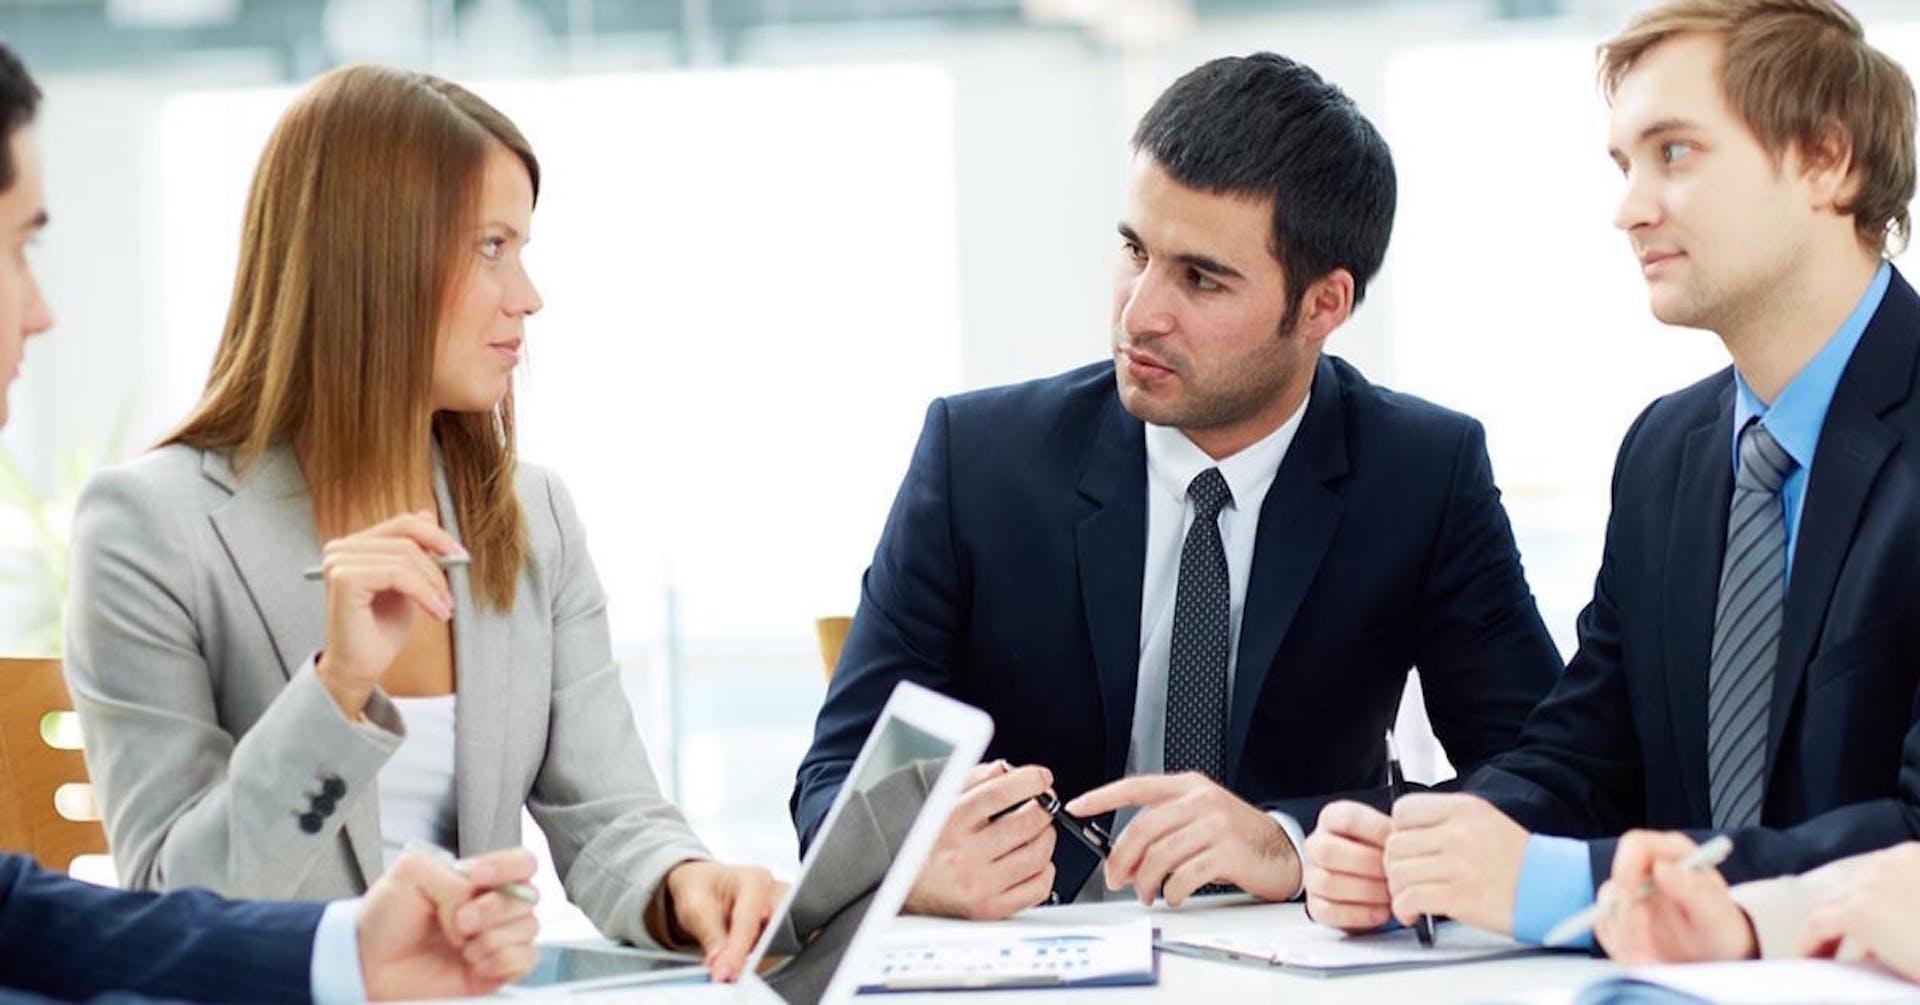 Emprendimiento corporativo: descubre cómo emprender con el apoyo de las empresas